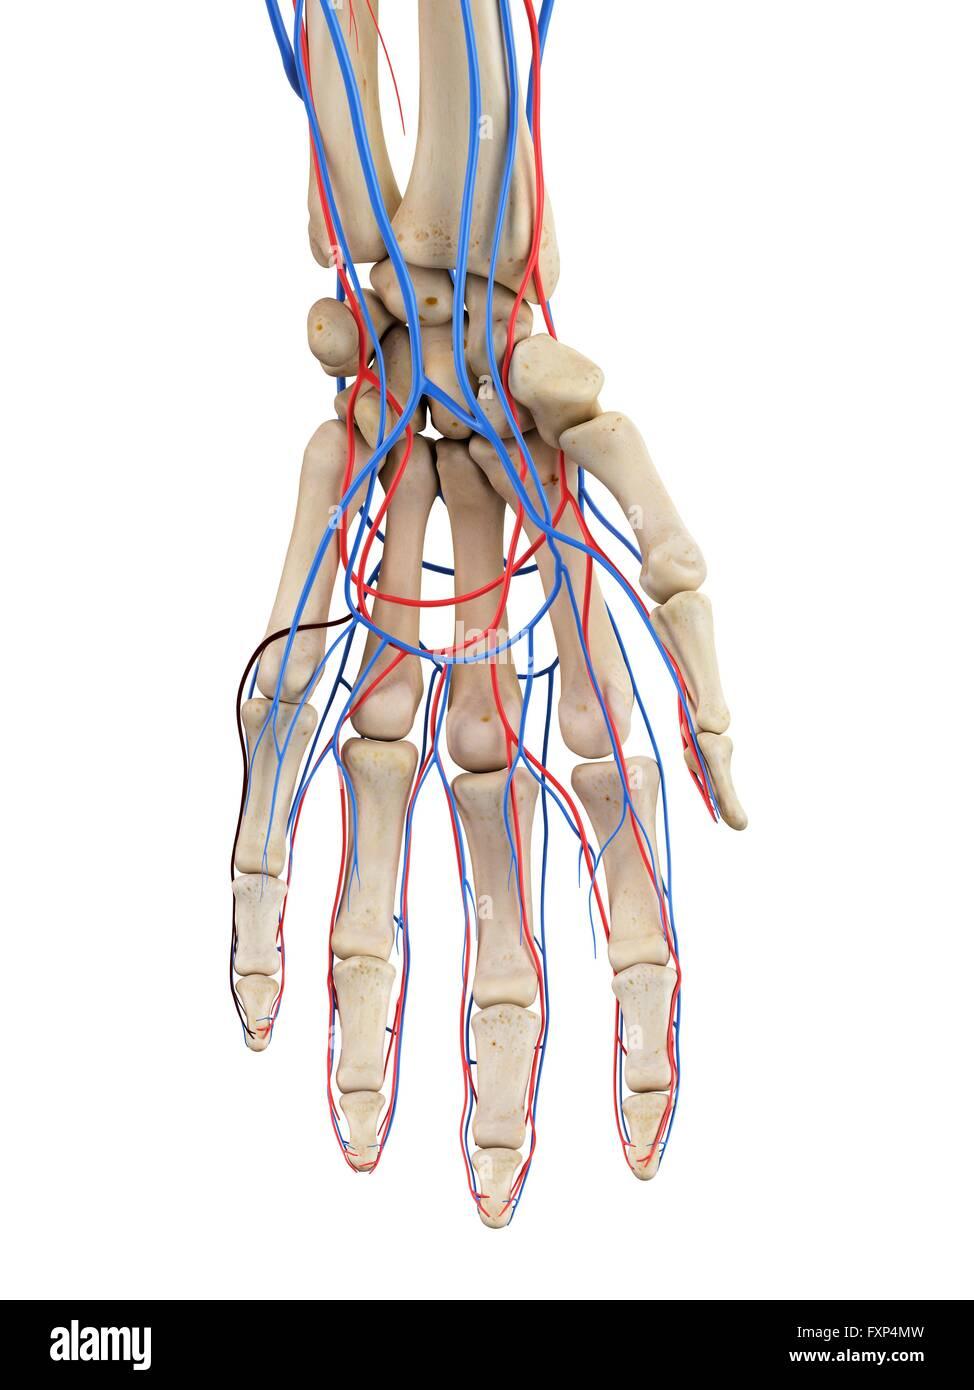 Tolle Hand Arterielle Anatomie Fotos - Menschliche Anatomie Bilder ...